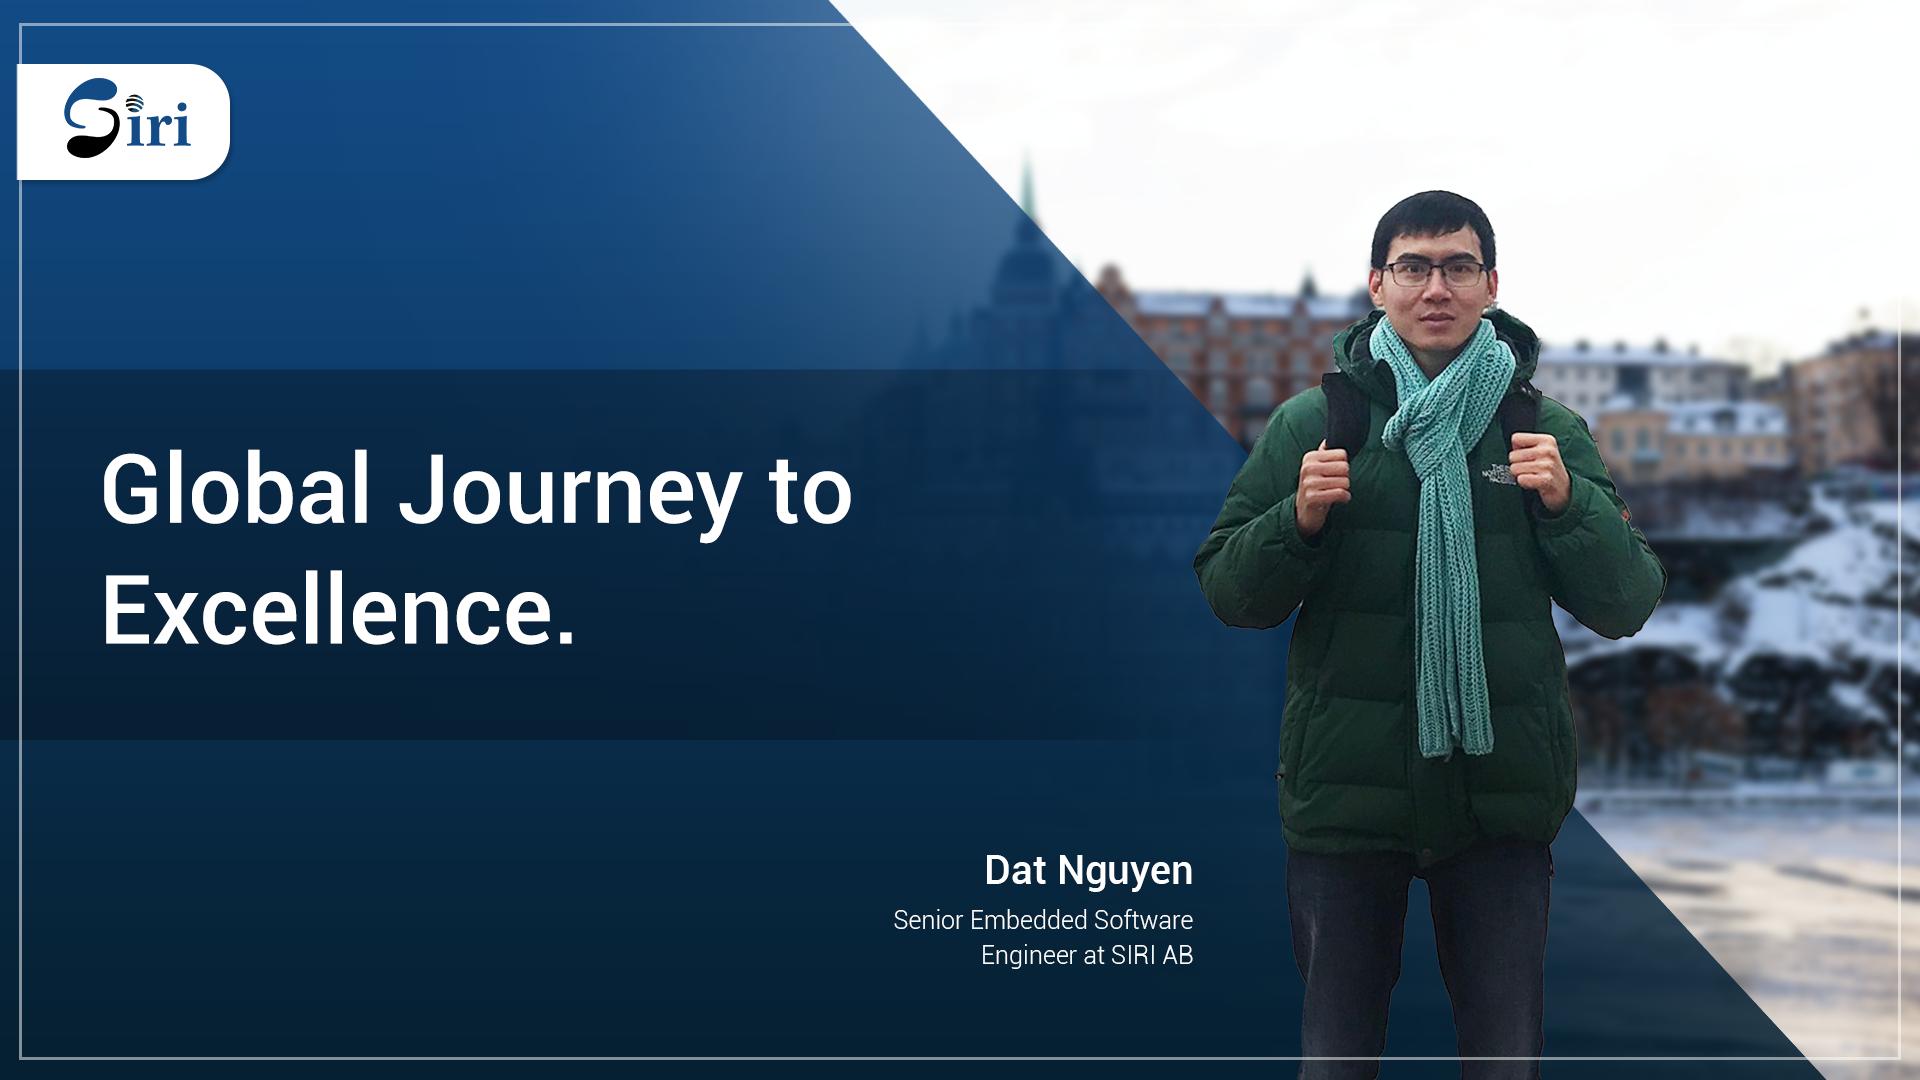 Dat Nguyen Global Journey Career